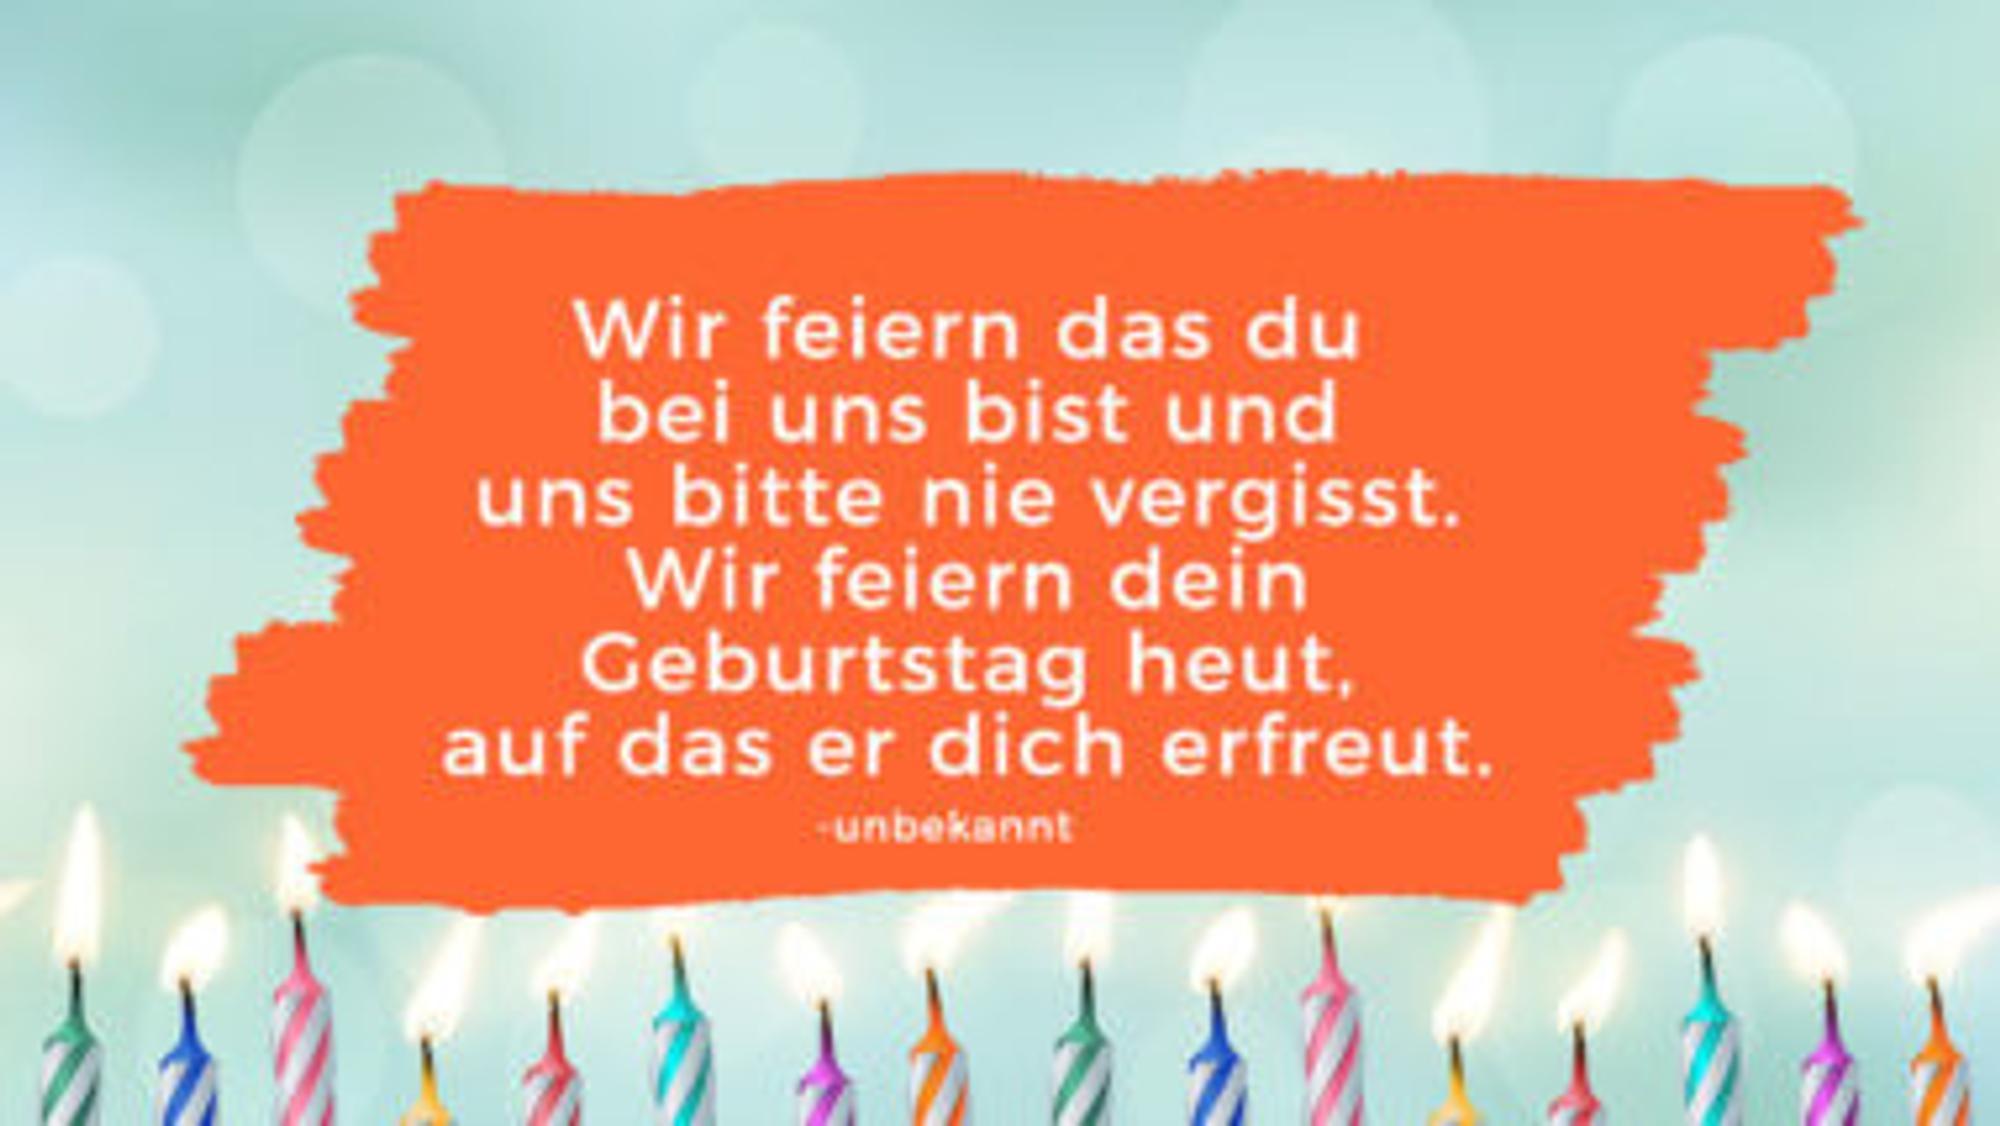 Geburtstagswünsche Kind: Wir feiern das du bei uns bist